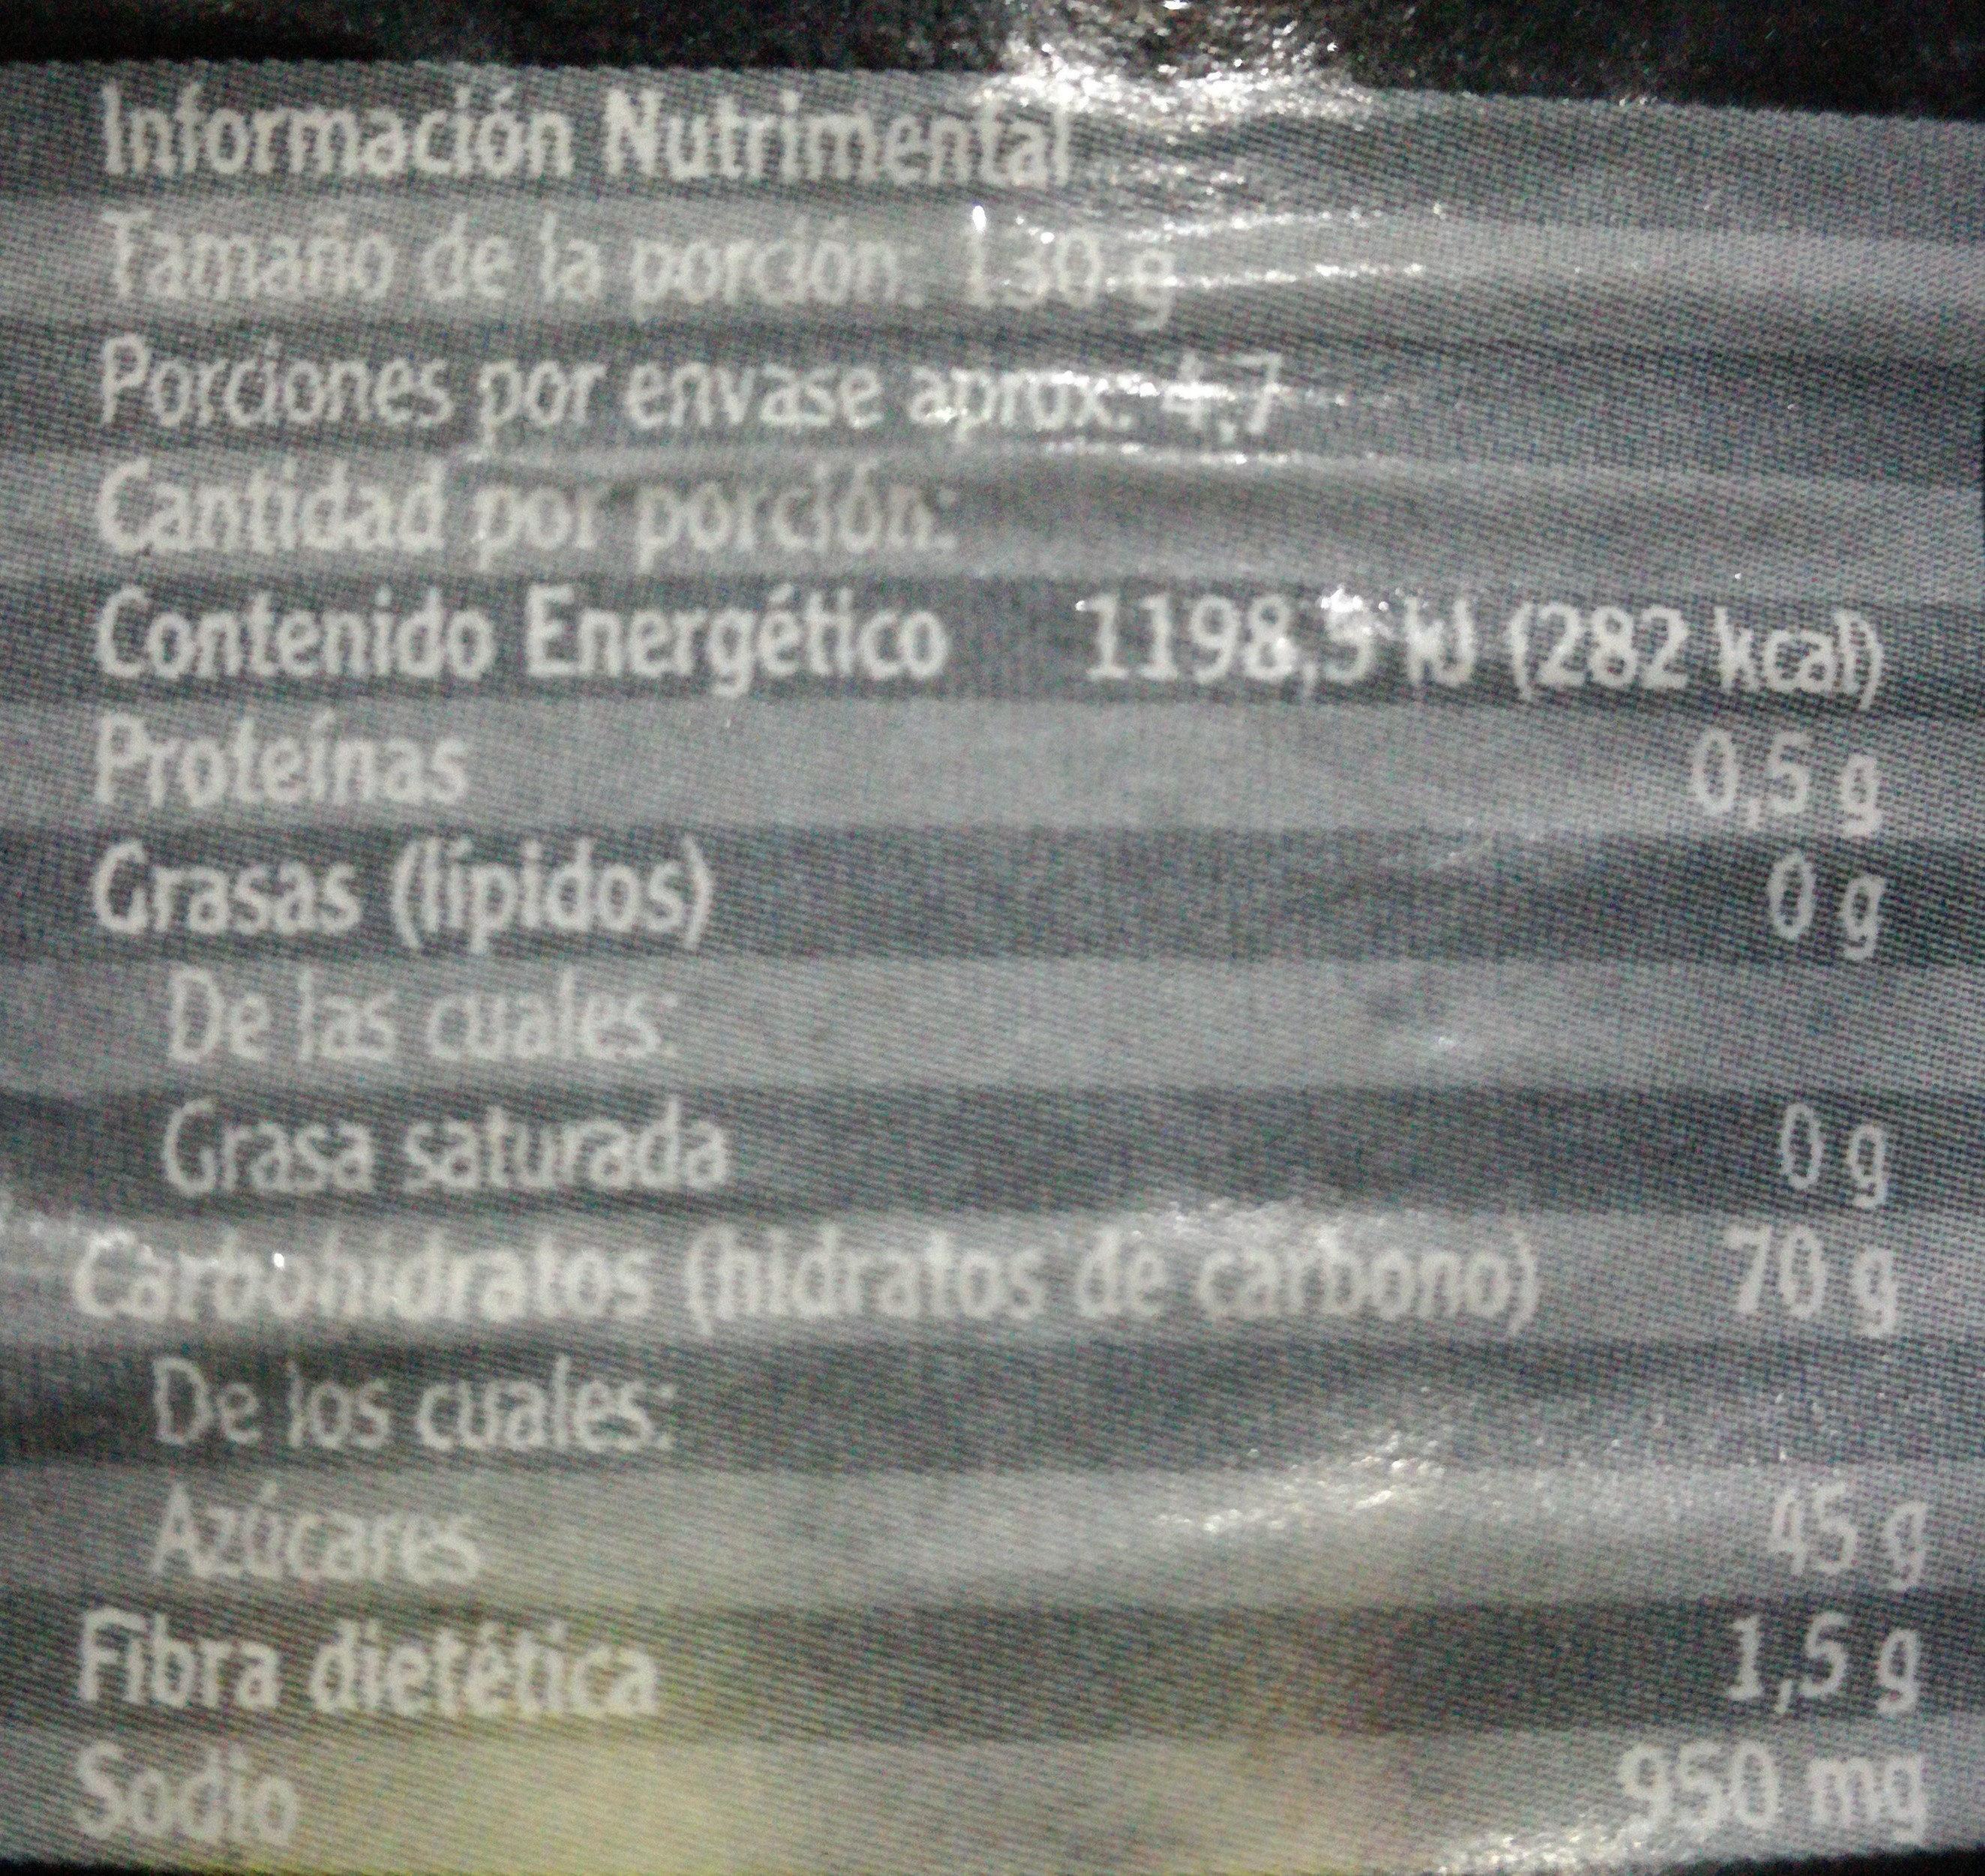 Salsa BBQ Original - Información nutricional - es